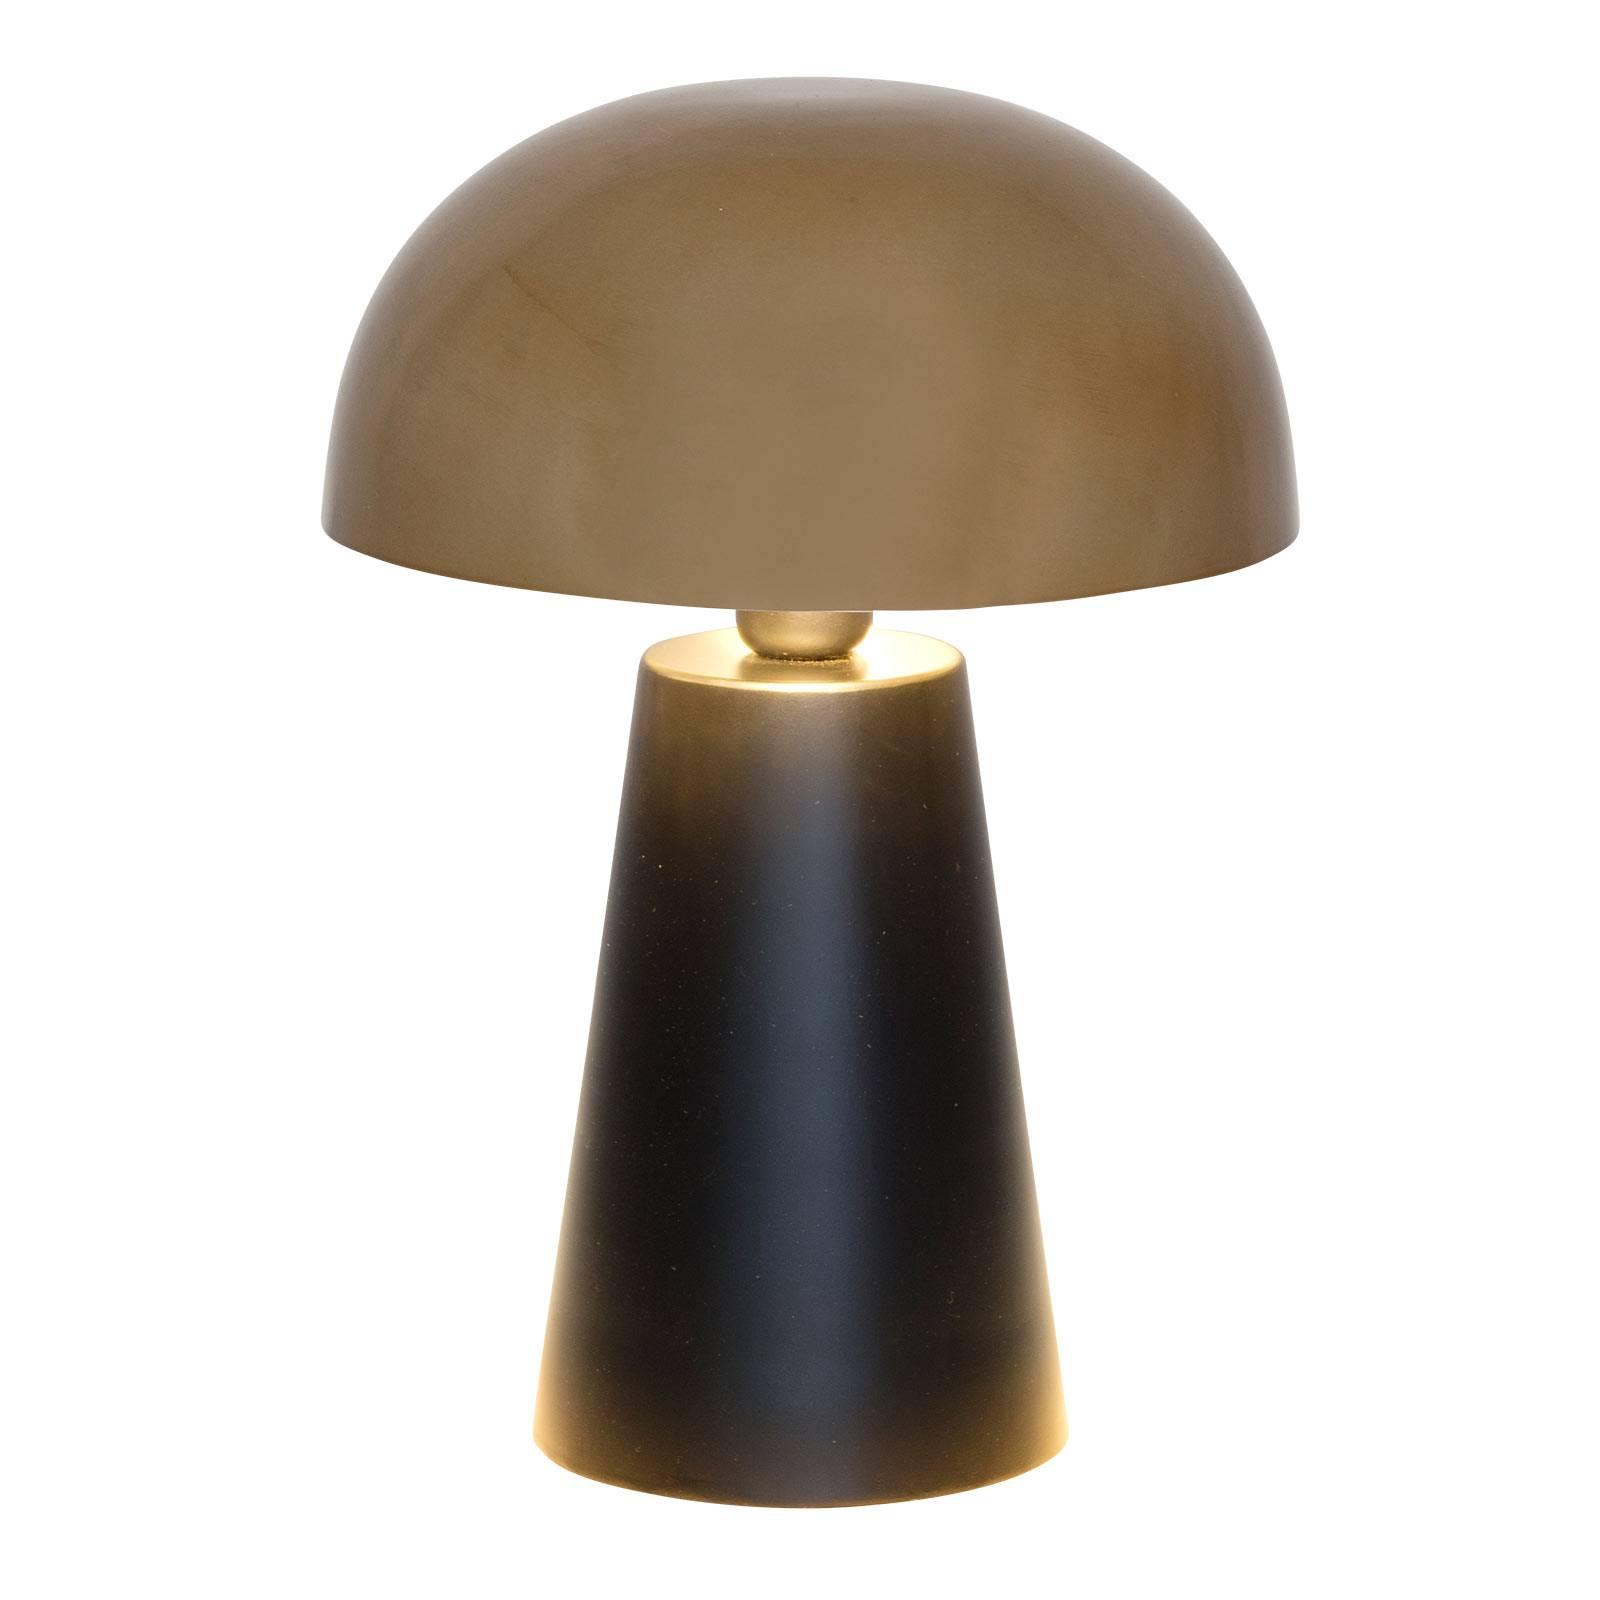 Tischleuchte Fungo, edel designt, schwarz/gold